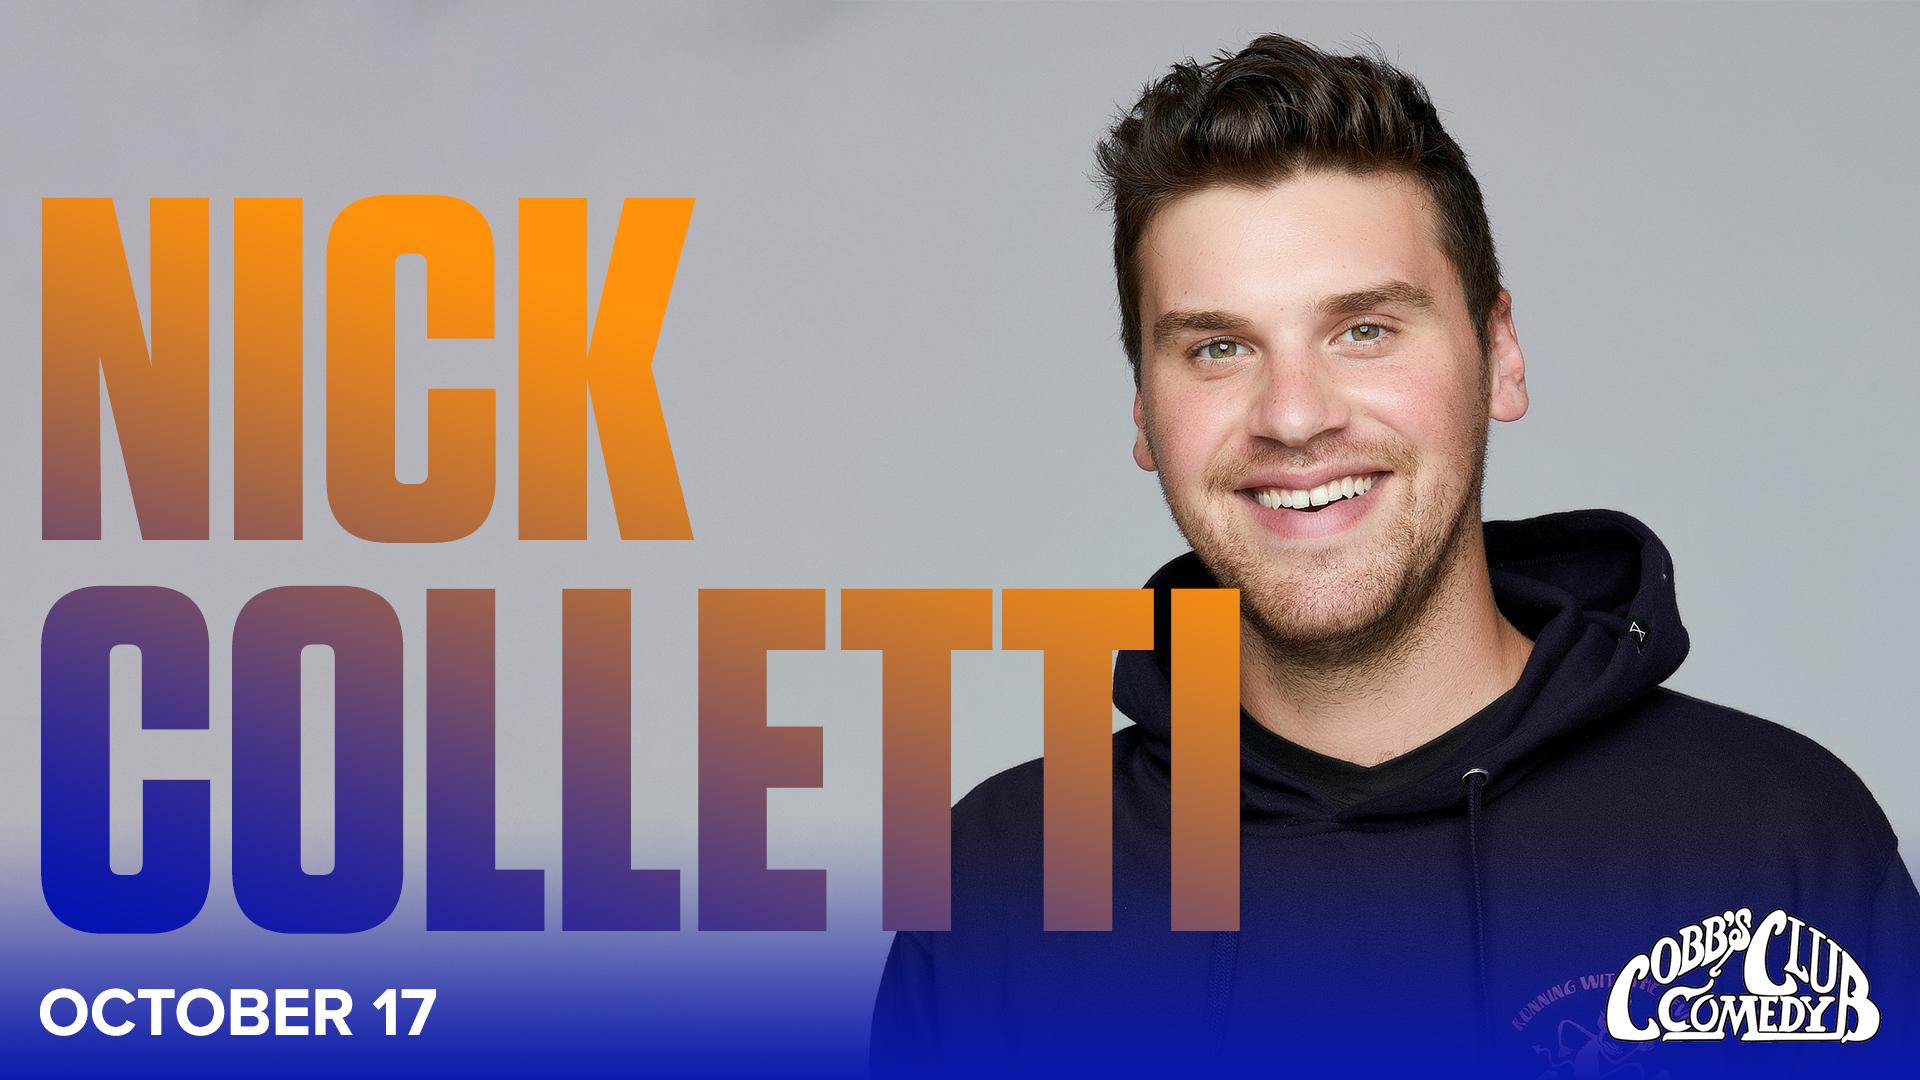 Nick Colletti